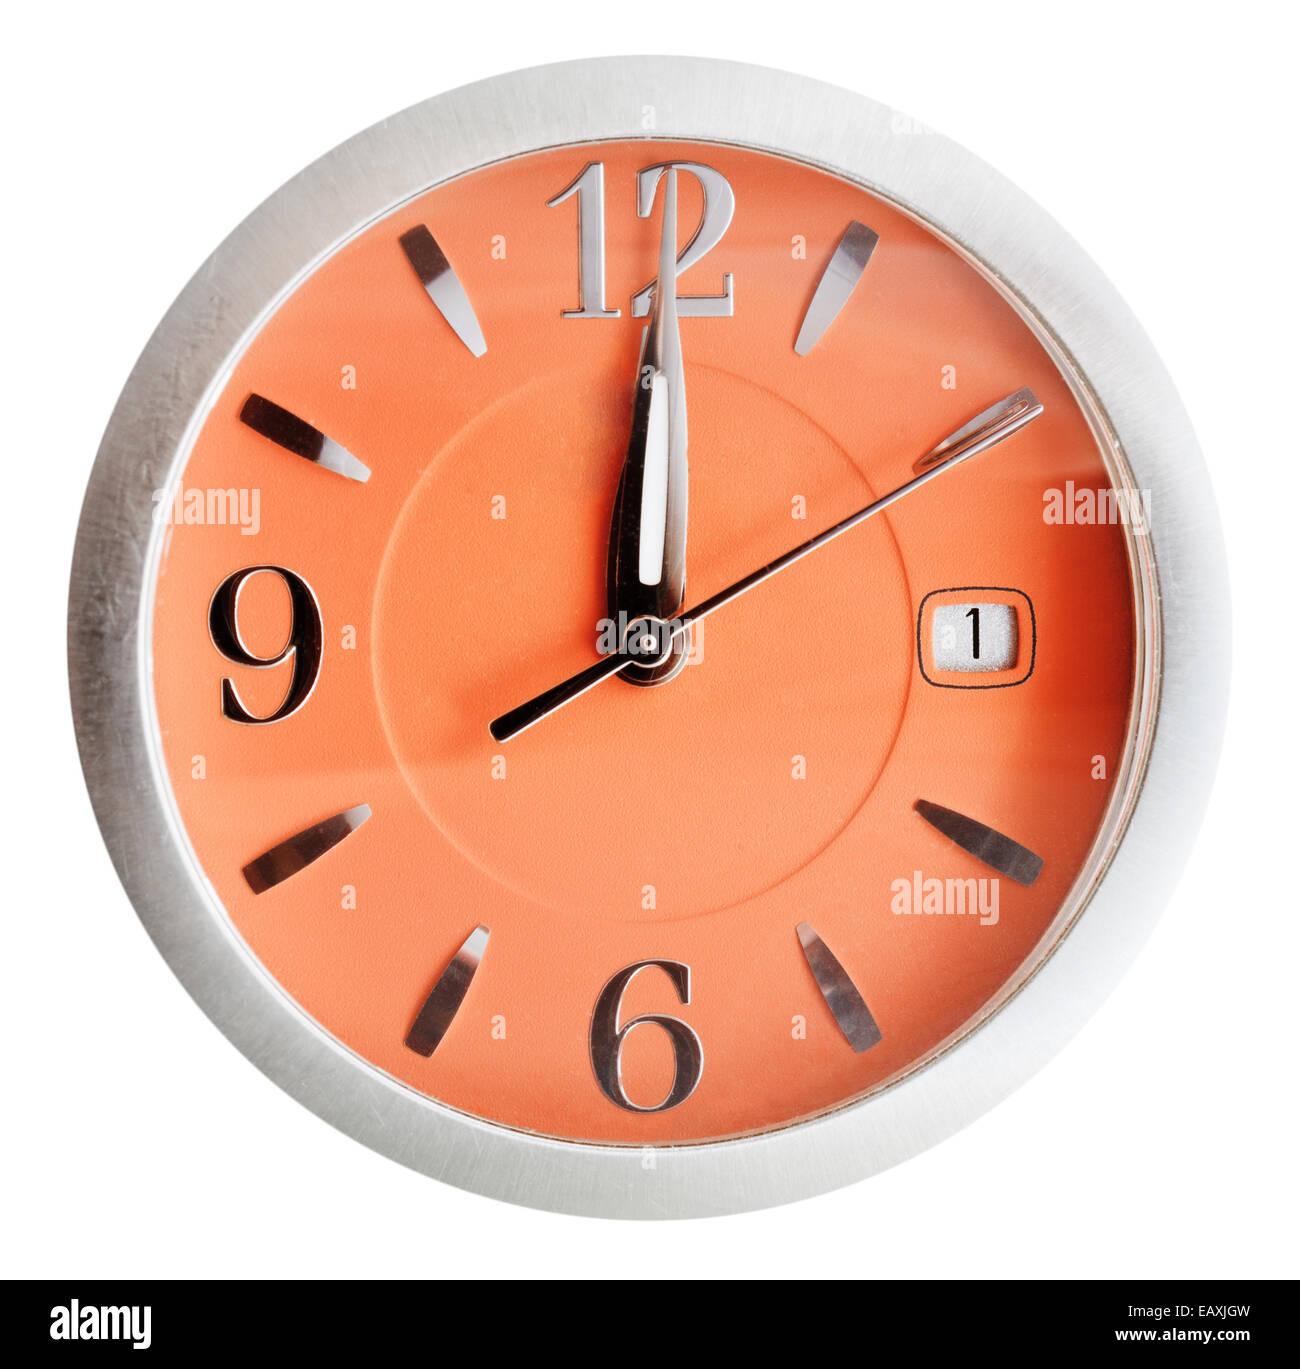 twelve o'clock on orange dial isolated on white background - Stock Image